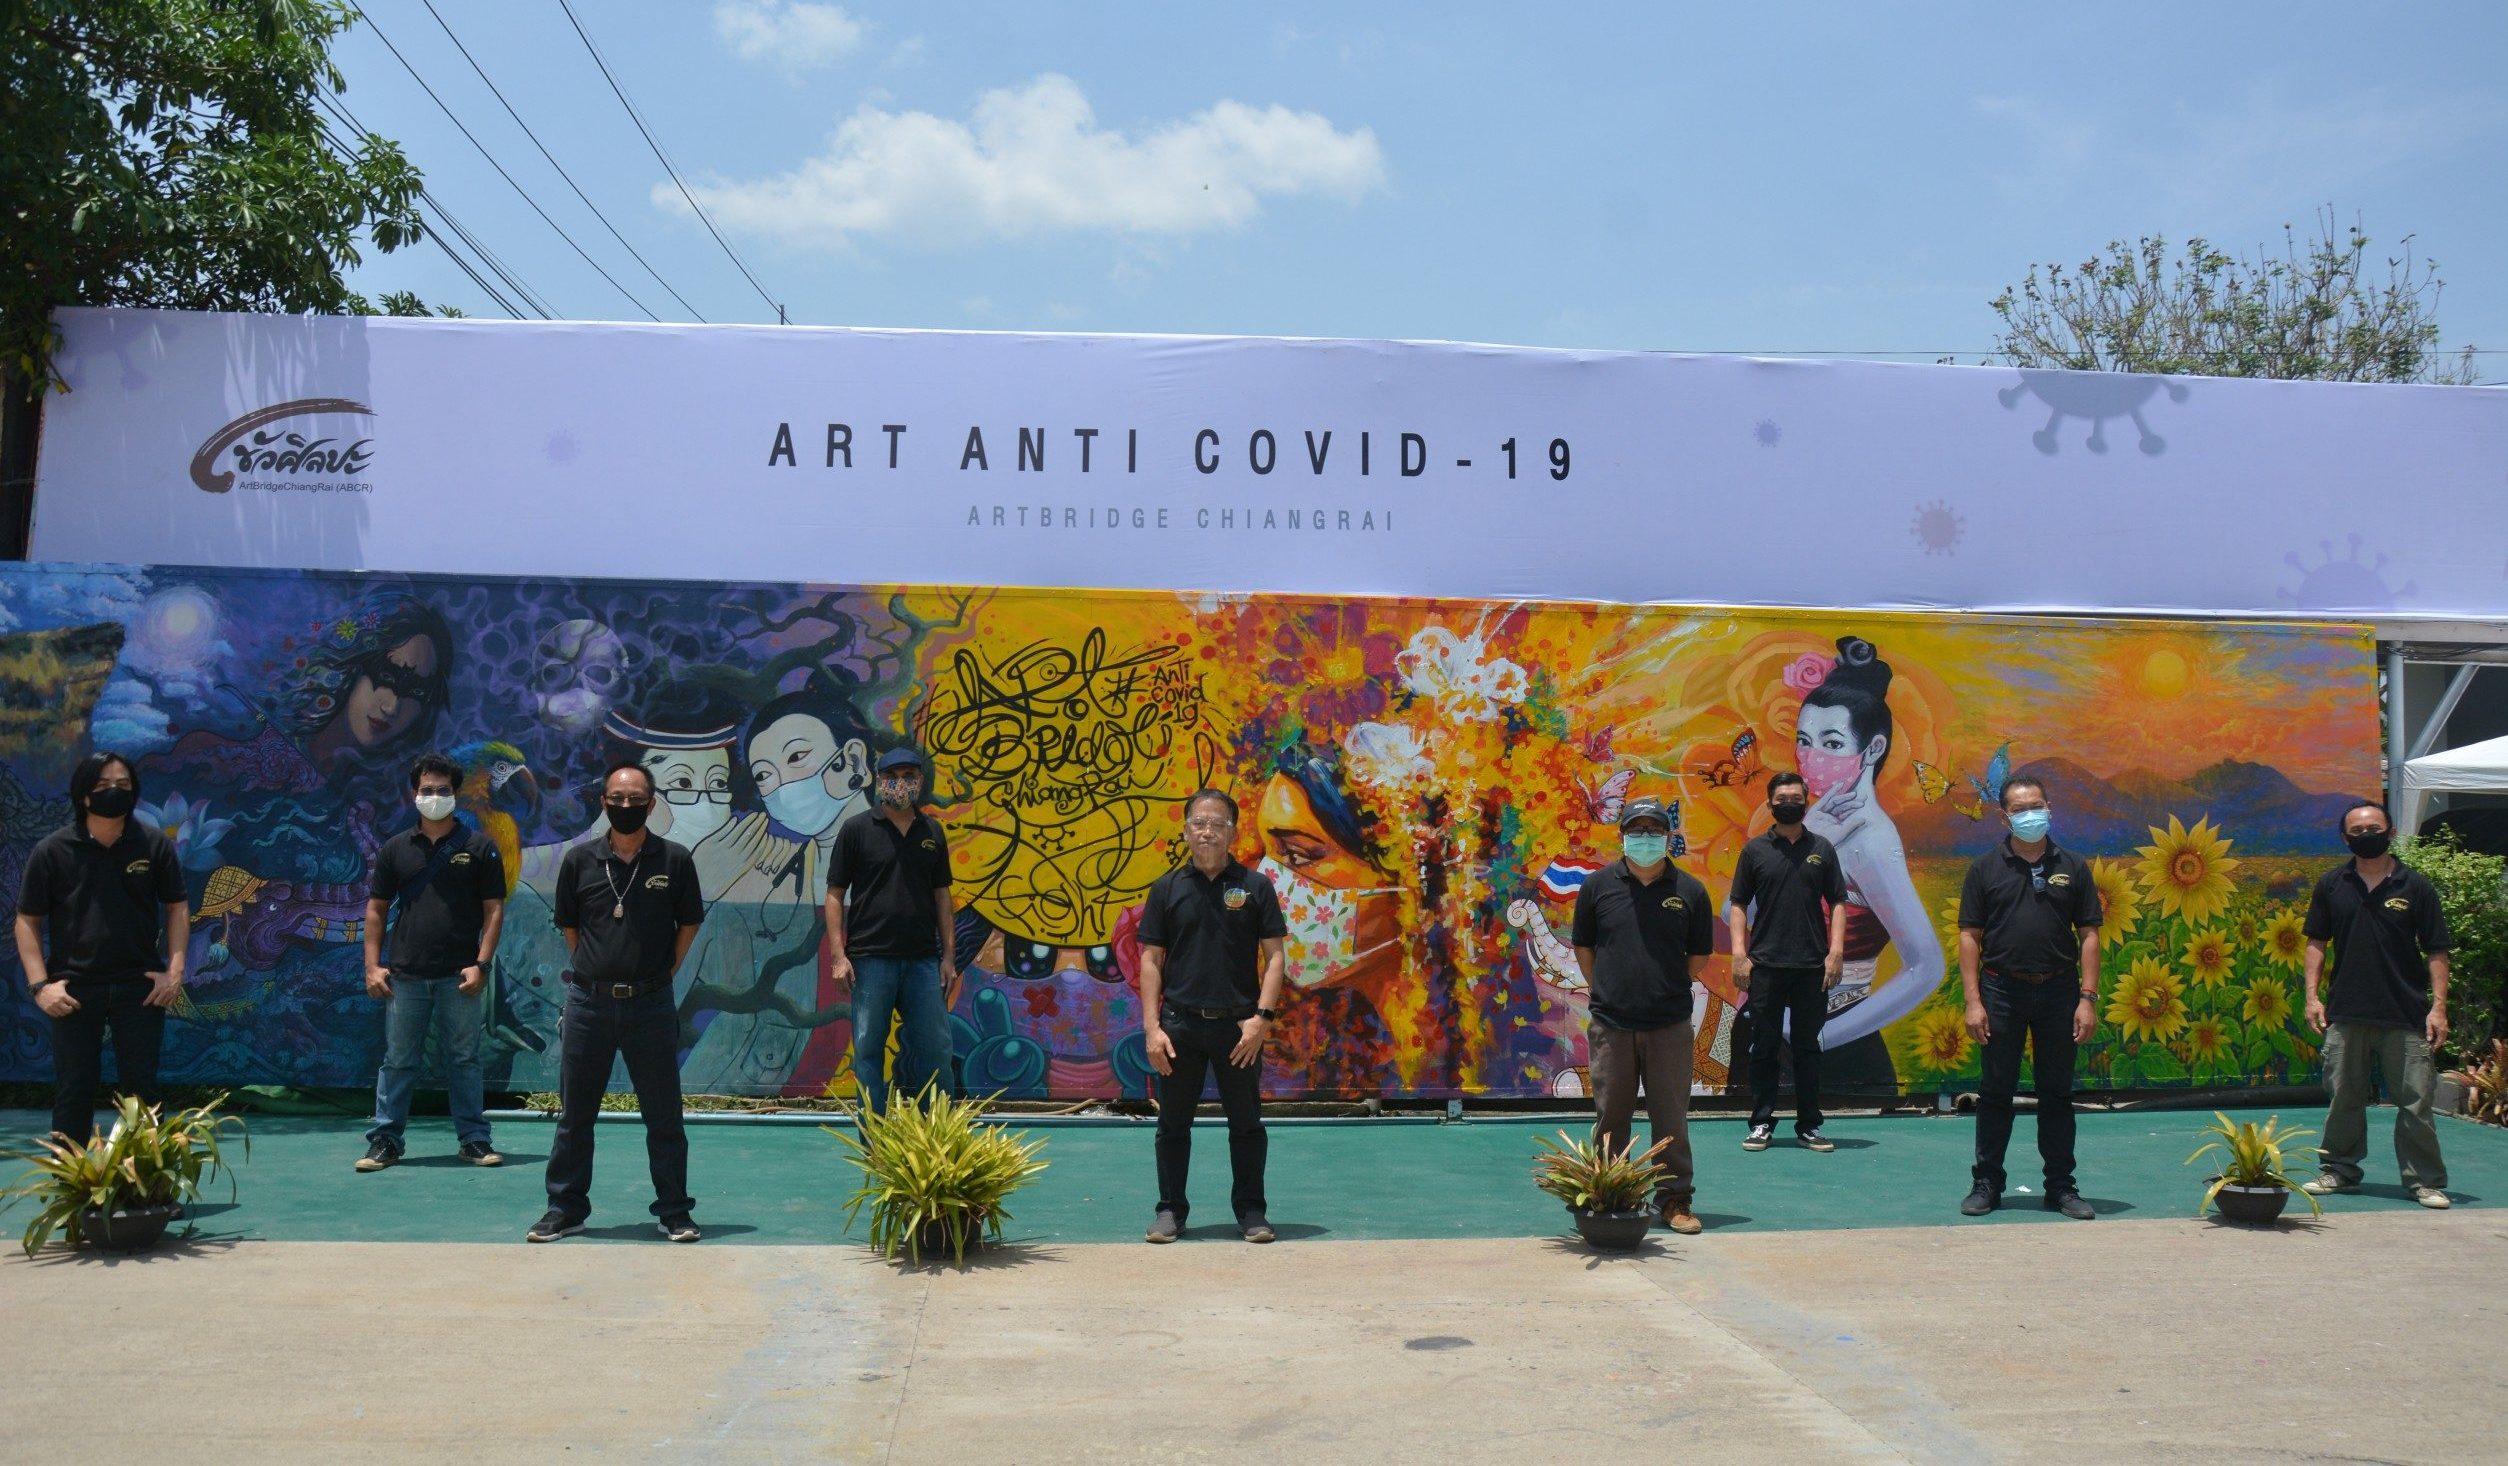 ศิลปินเชียงราย วาดภาพ 'Art Anti Covid' มอบแก่ทีมแพทย์ สร้างความตระหนักโควิด